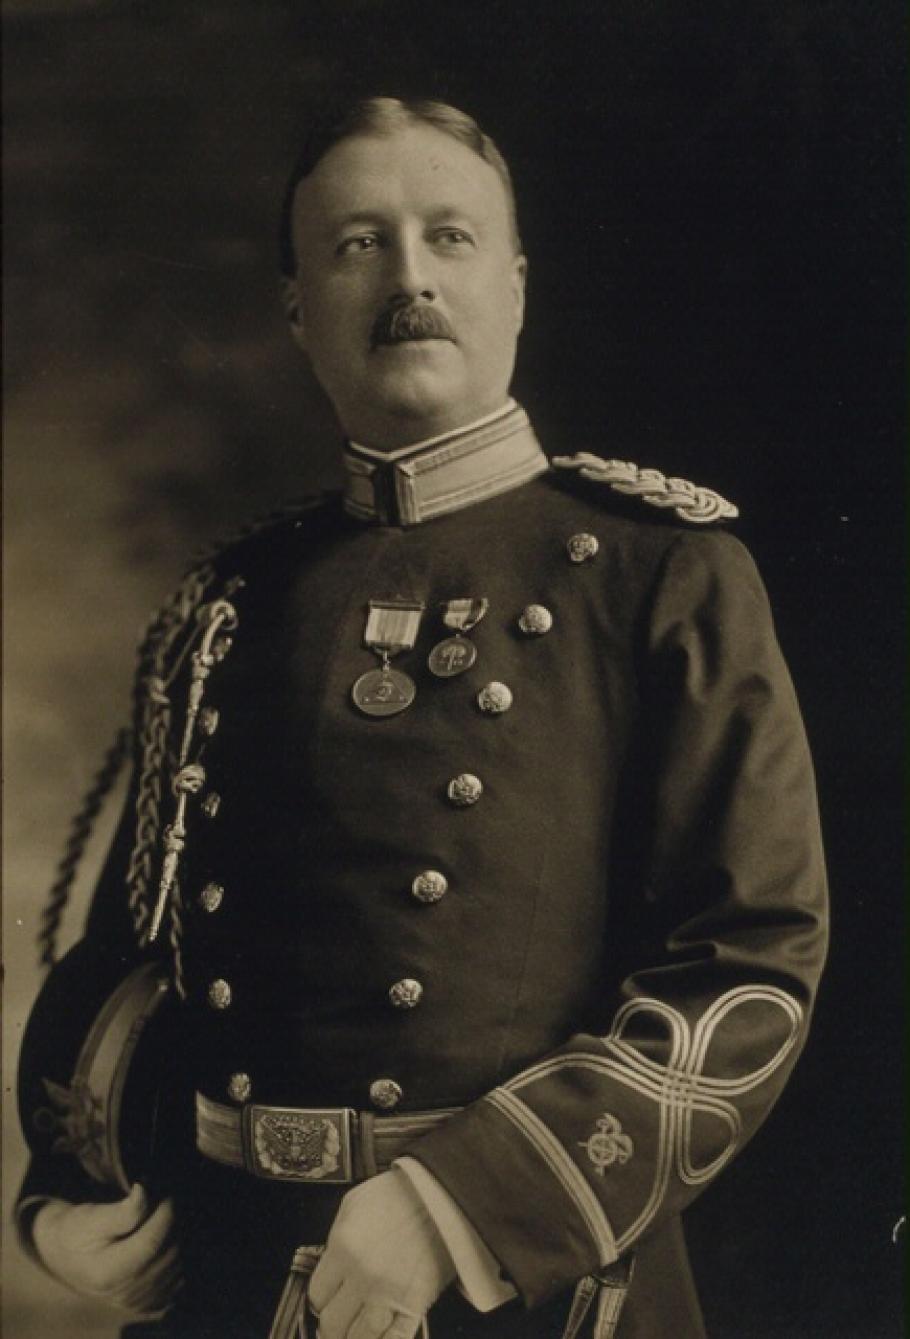 Captain Archibald W. Butt